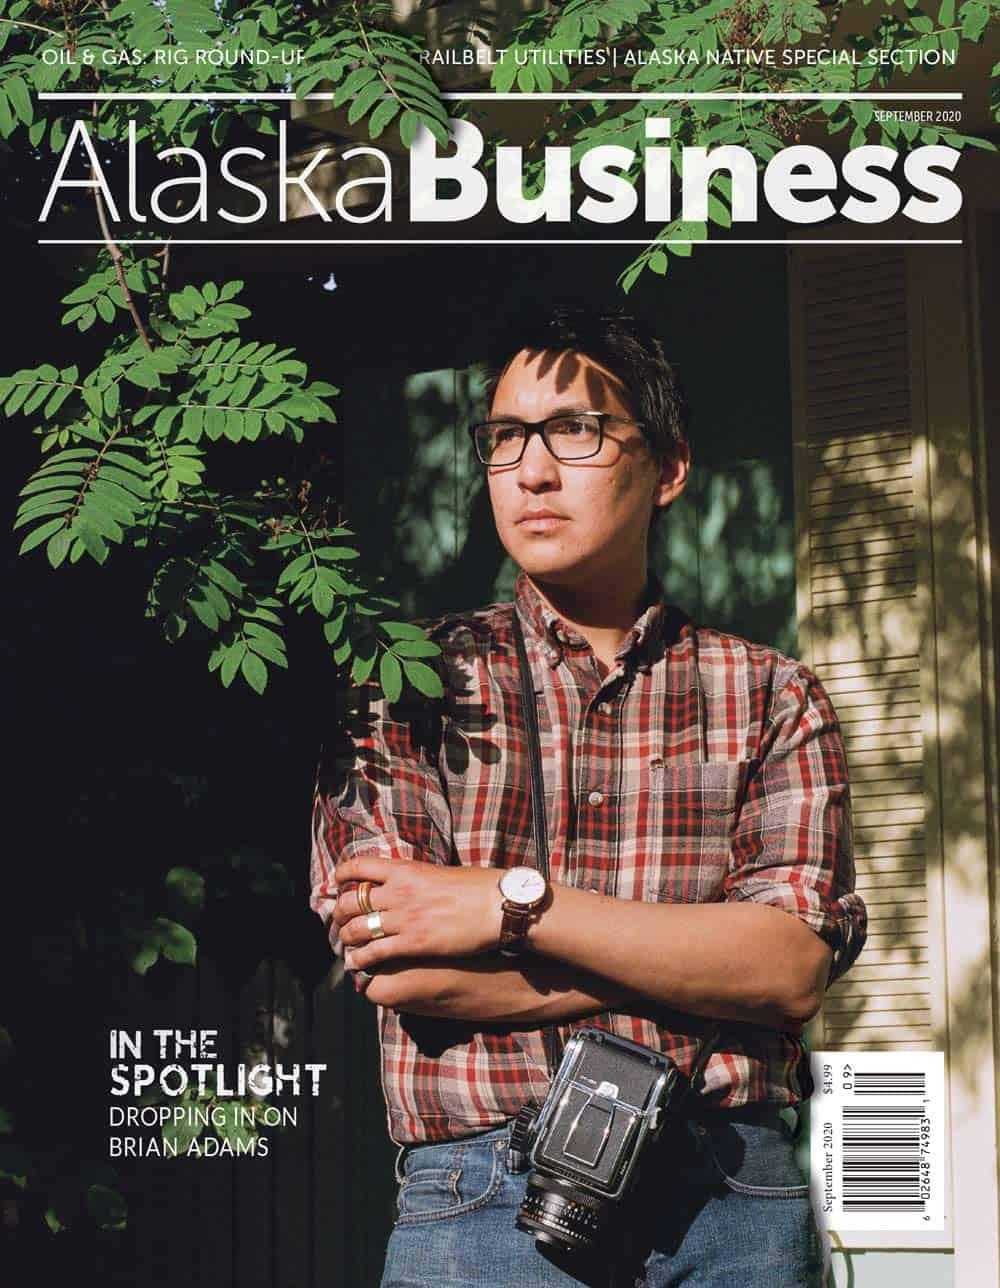 Alaska Business Magazine September 2020 Cover